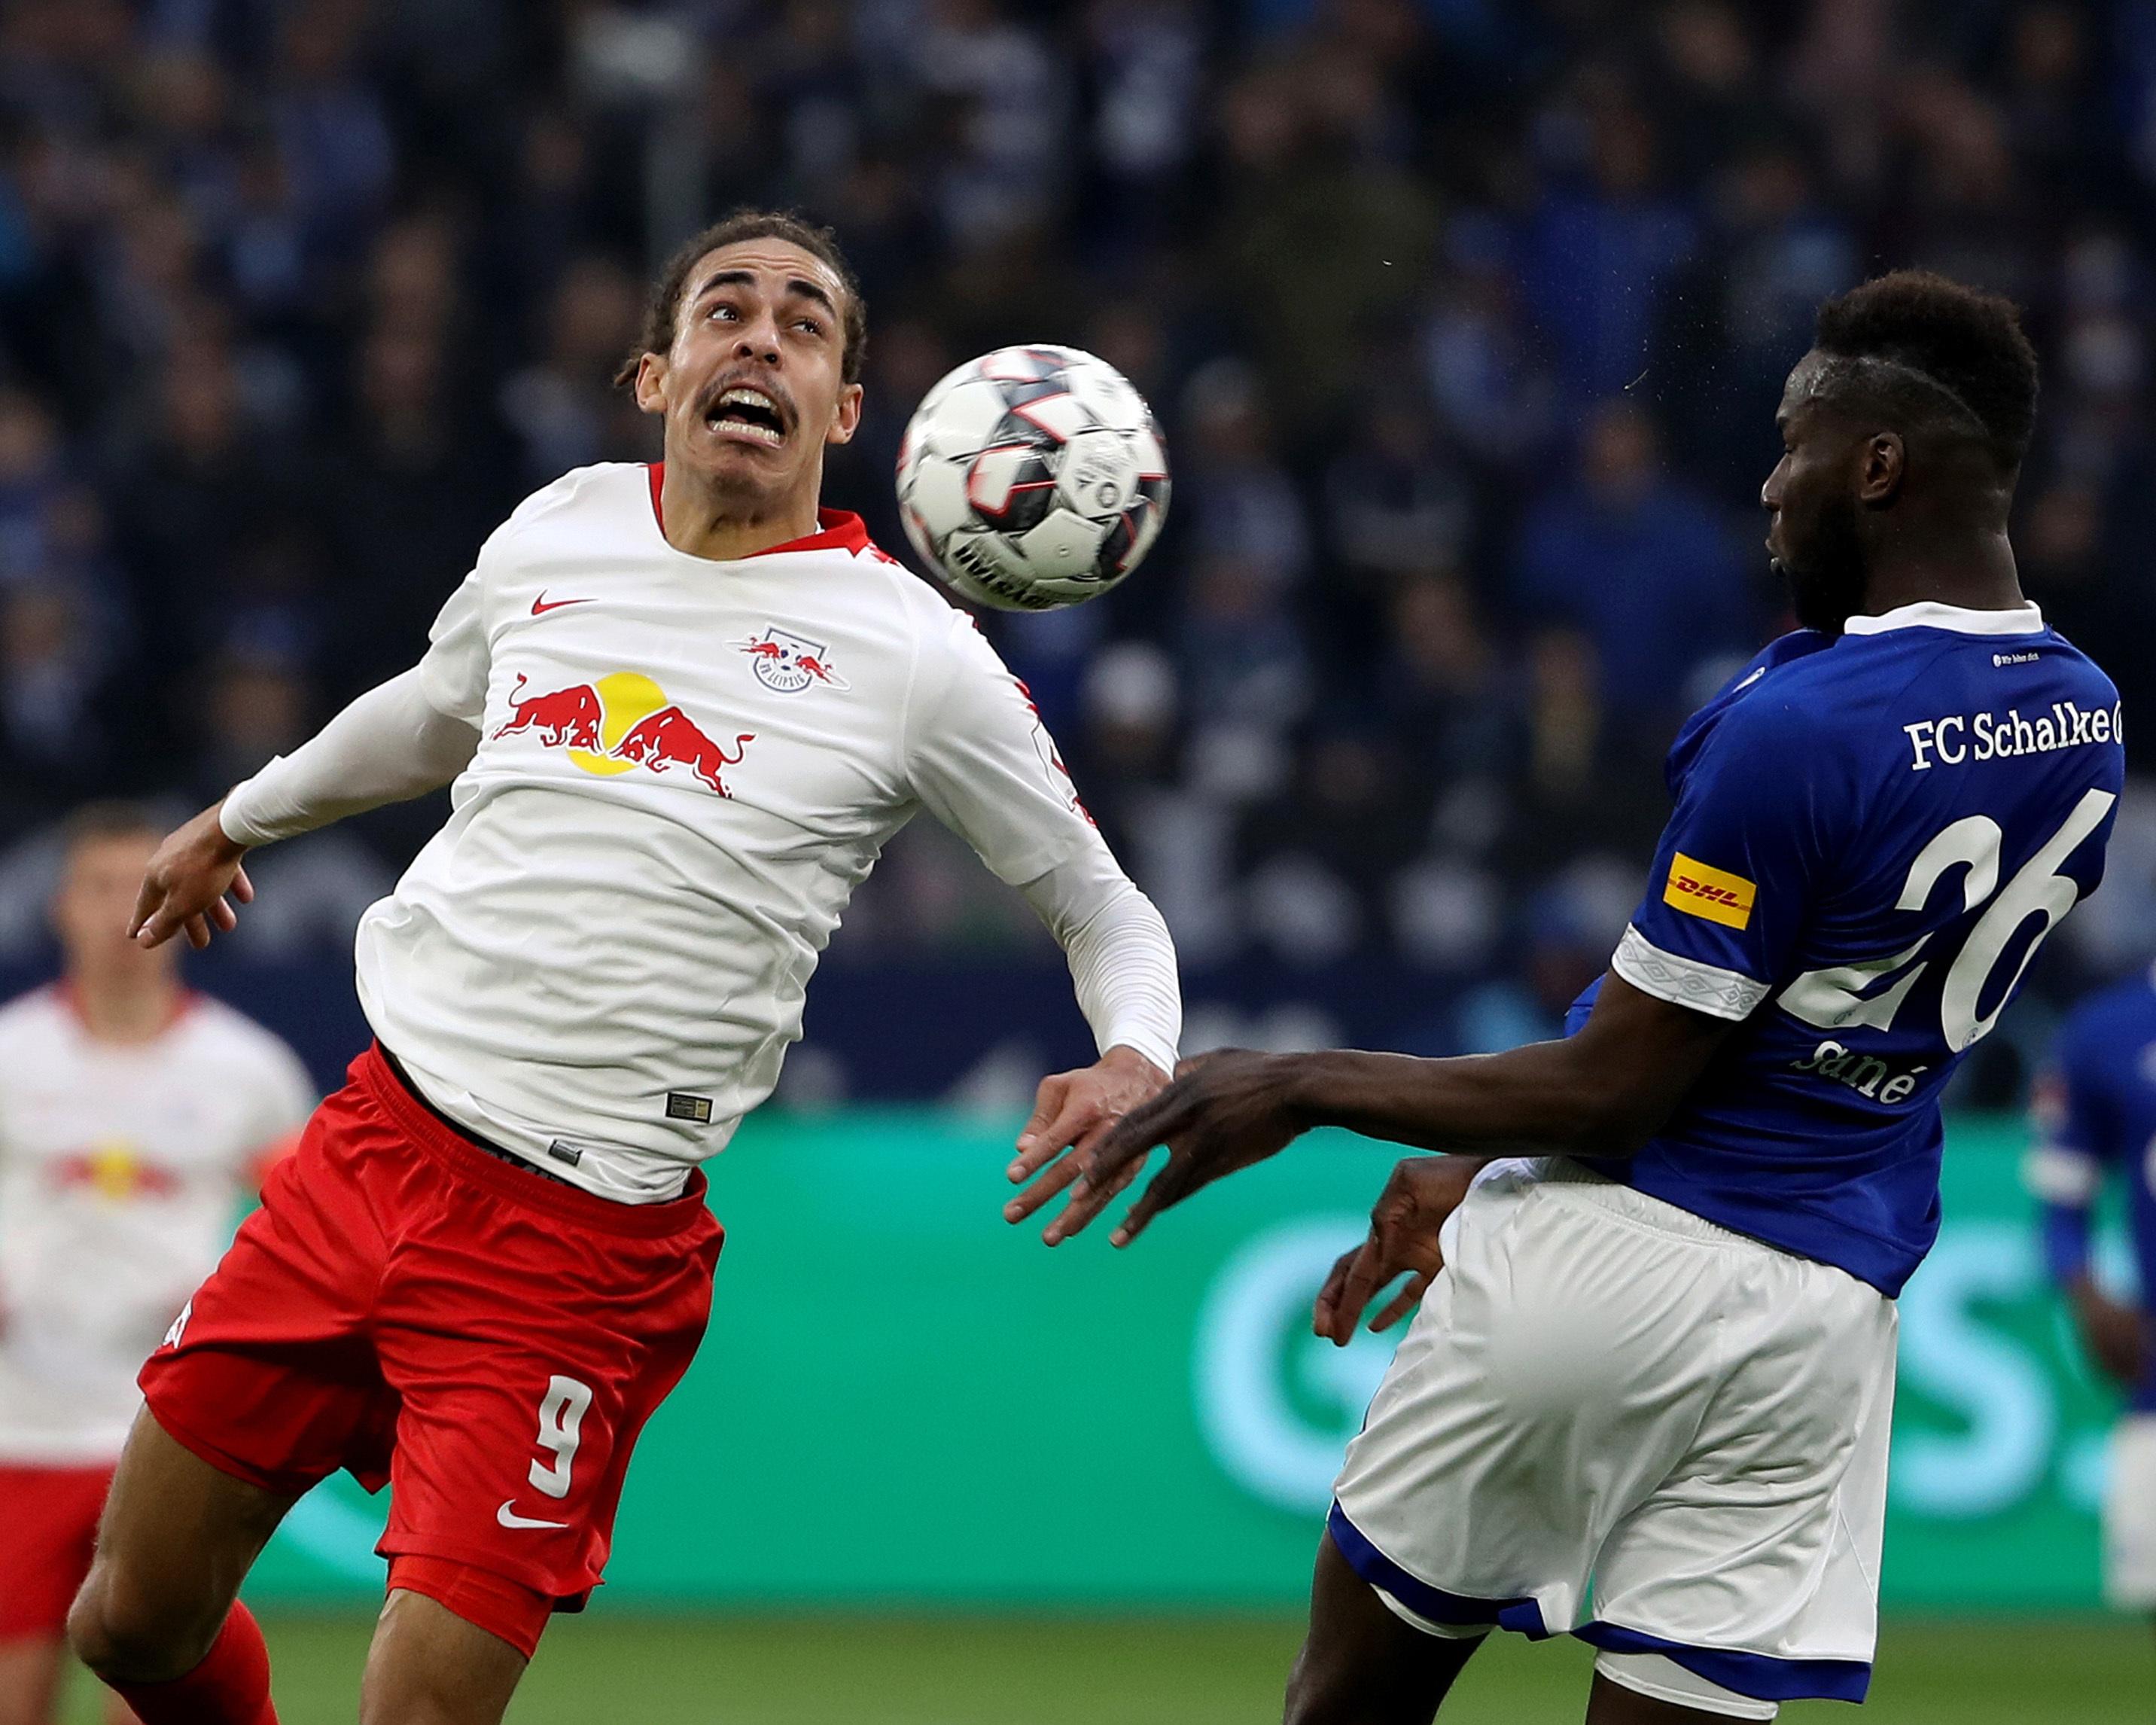 足球——德甲:莱比锡胜沙尔克04_比赛 体育新闻 第2张